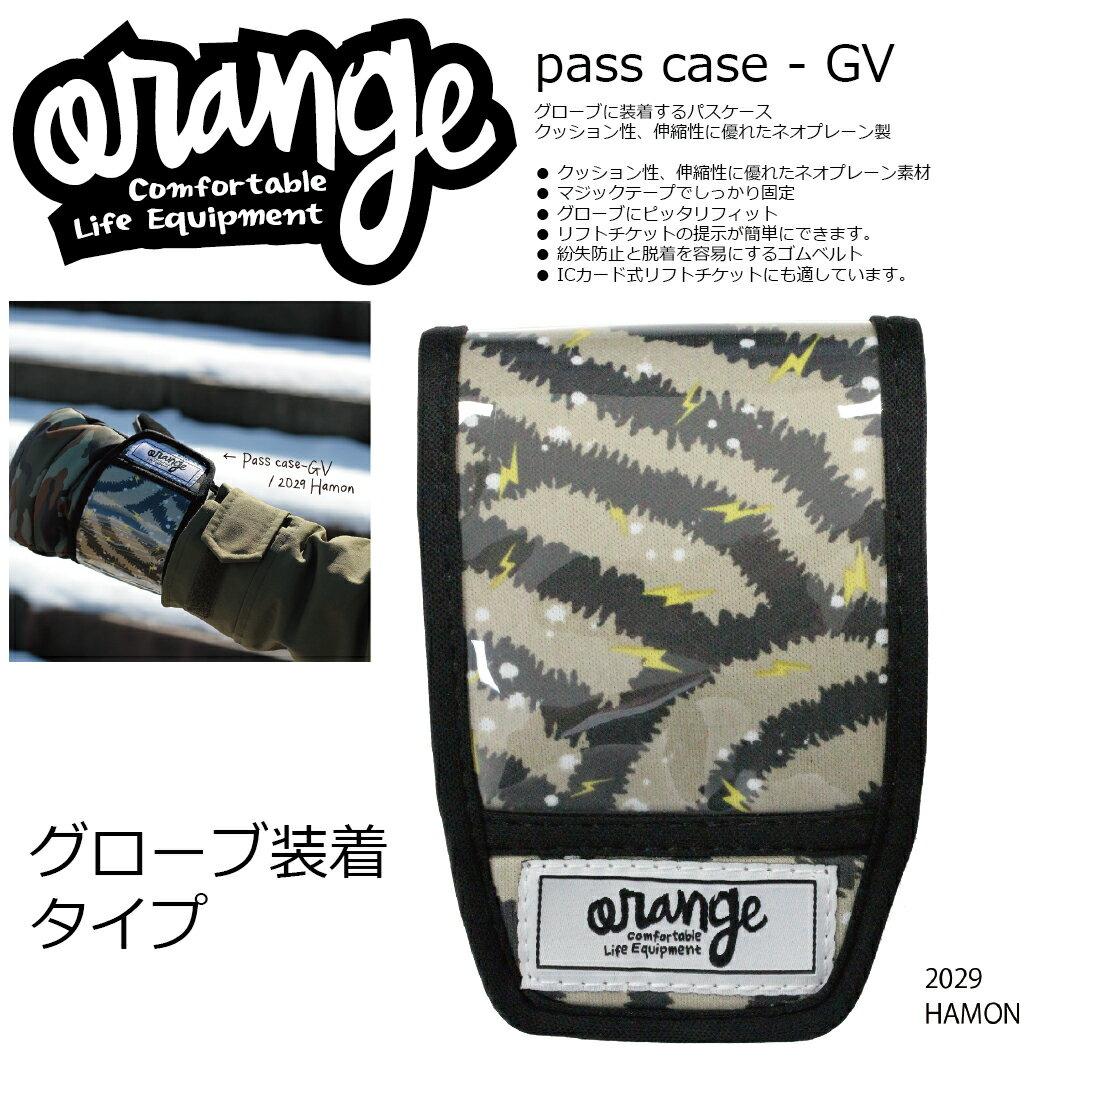 Oran'ge Pass-Case GV 2029 HAMON オレンジ パスケース ジーワイ グローブ装着タイプ ヨコ 2017 2017-18